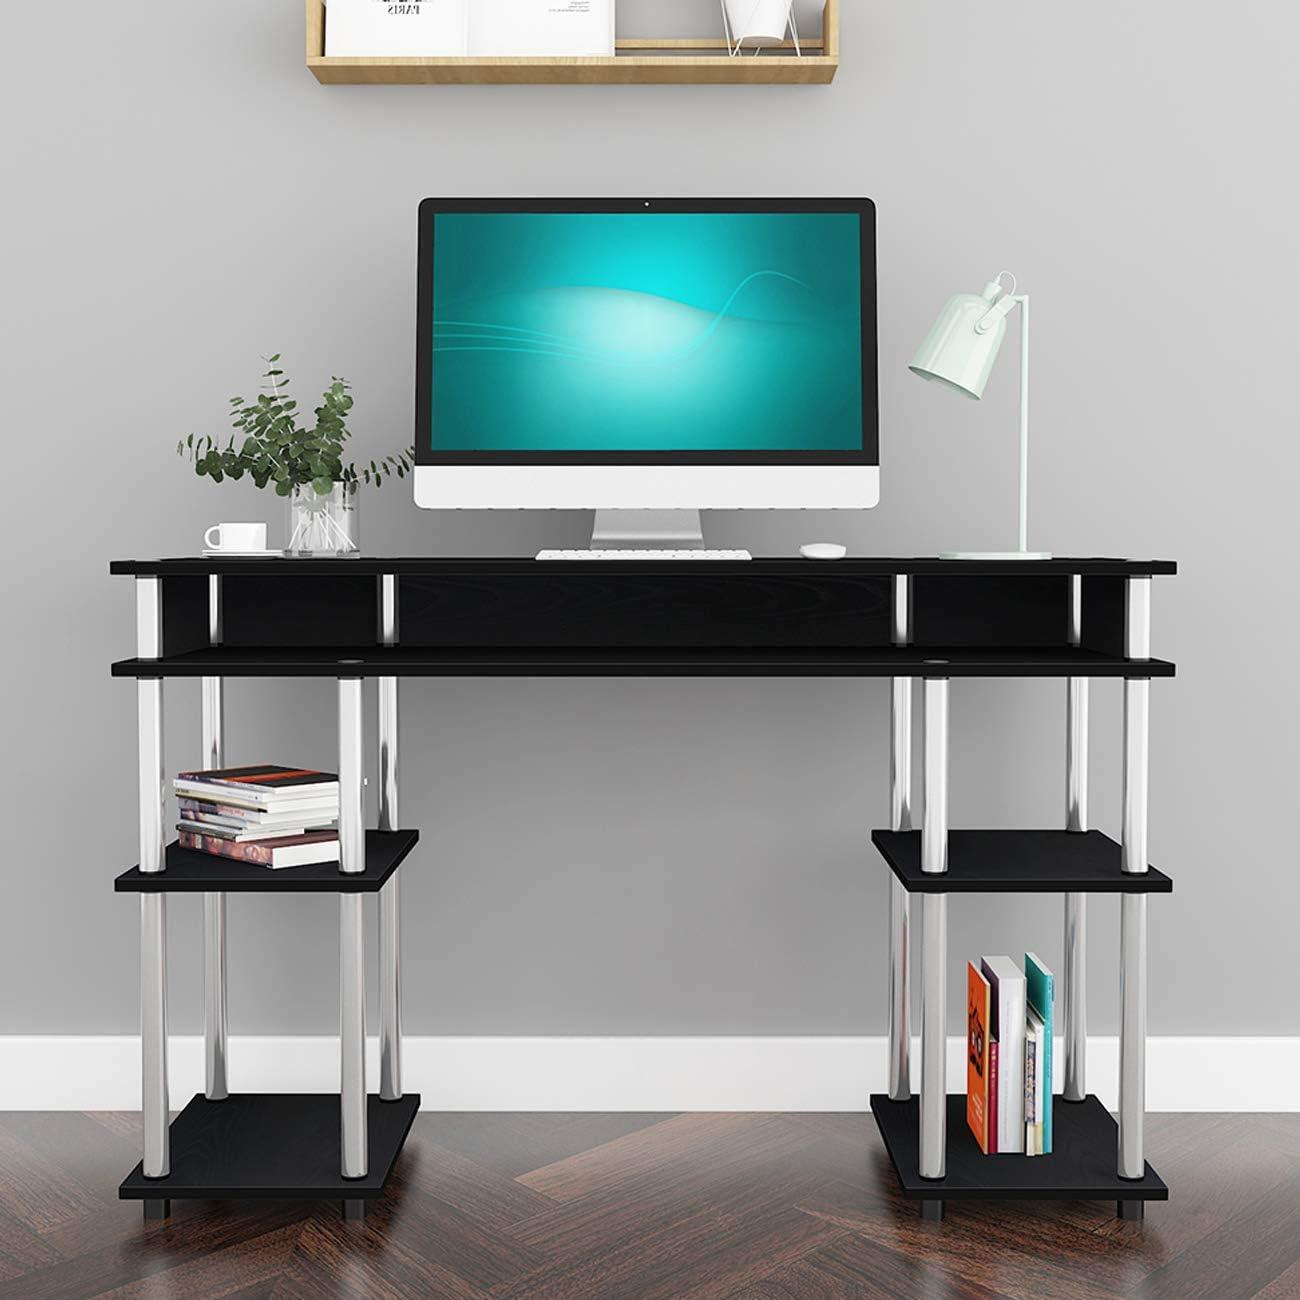 120 x 40 x 76 cm scrivania per computer con 2 ripiani SH-JSLP-MLS12040-B SogesHome per casa ufficio facile da montare Scrivania per studenti